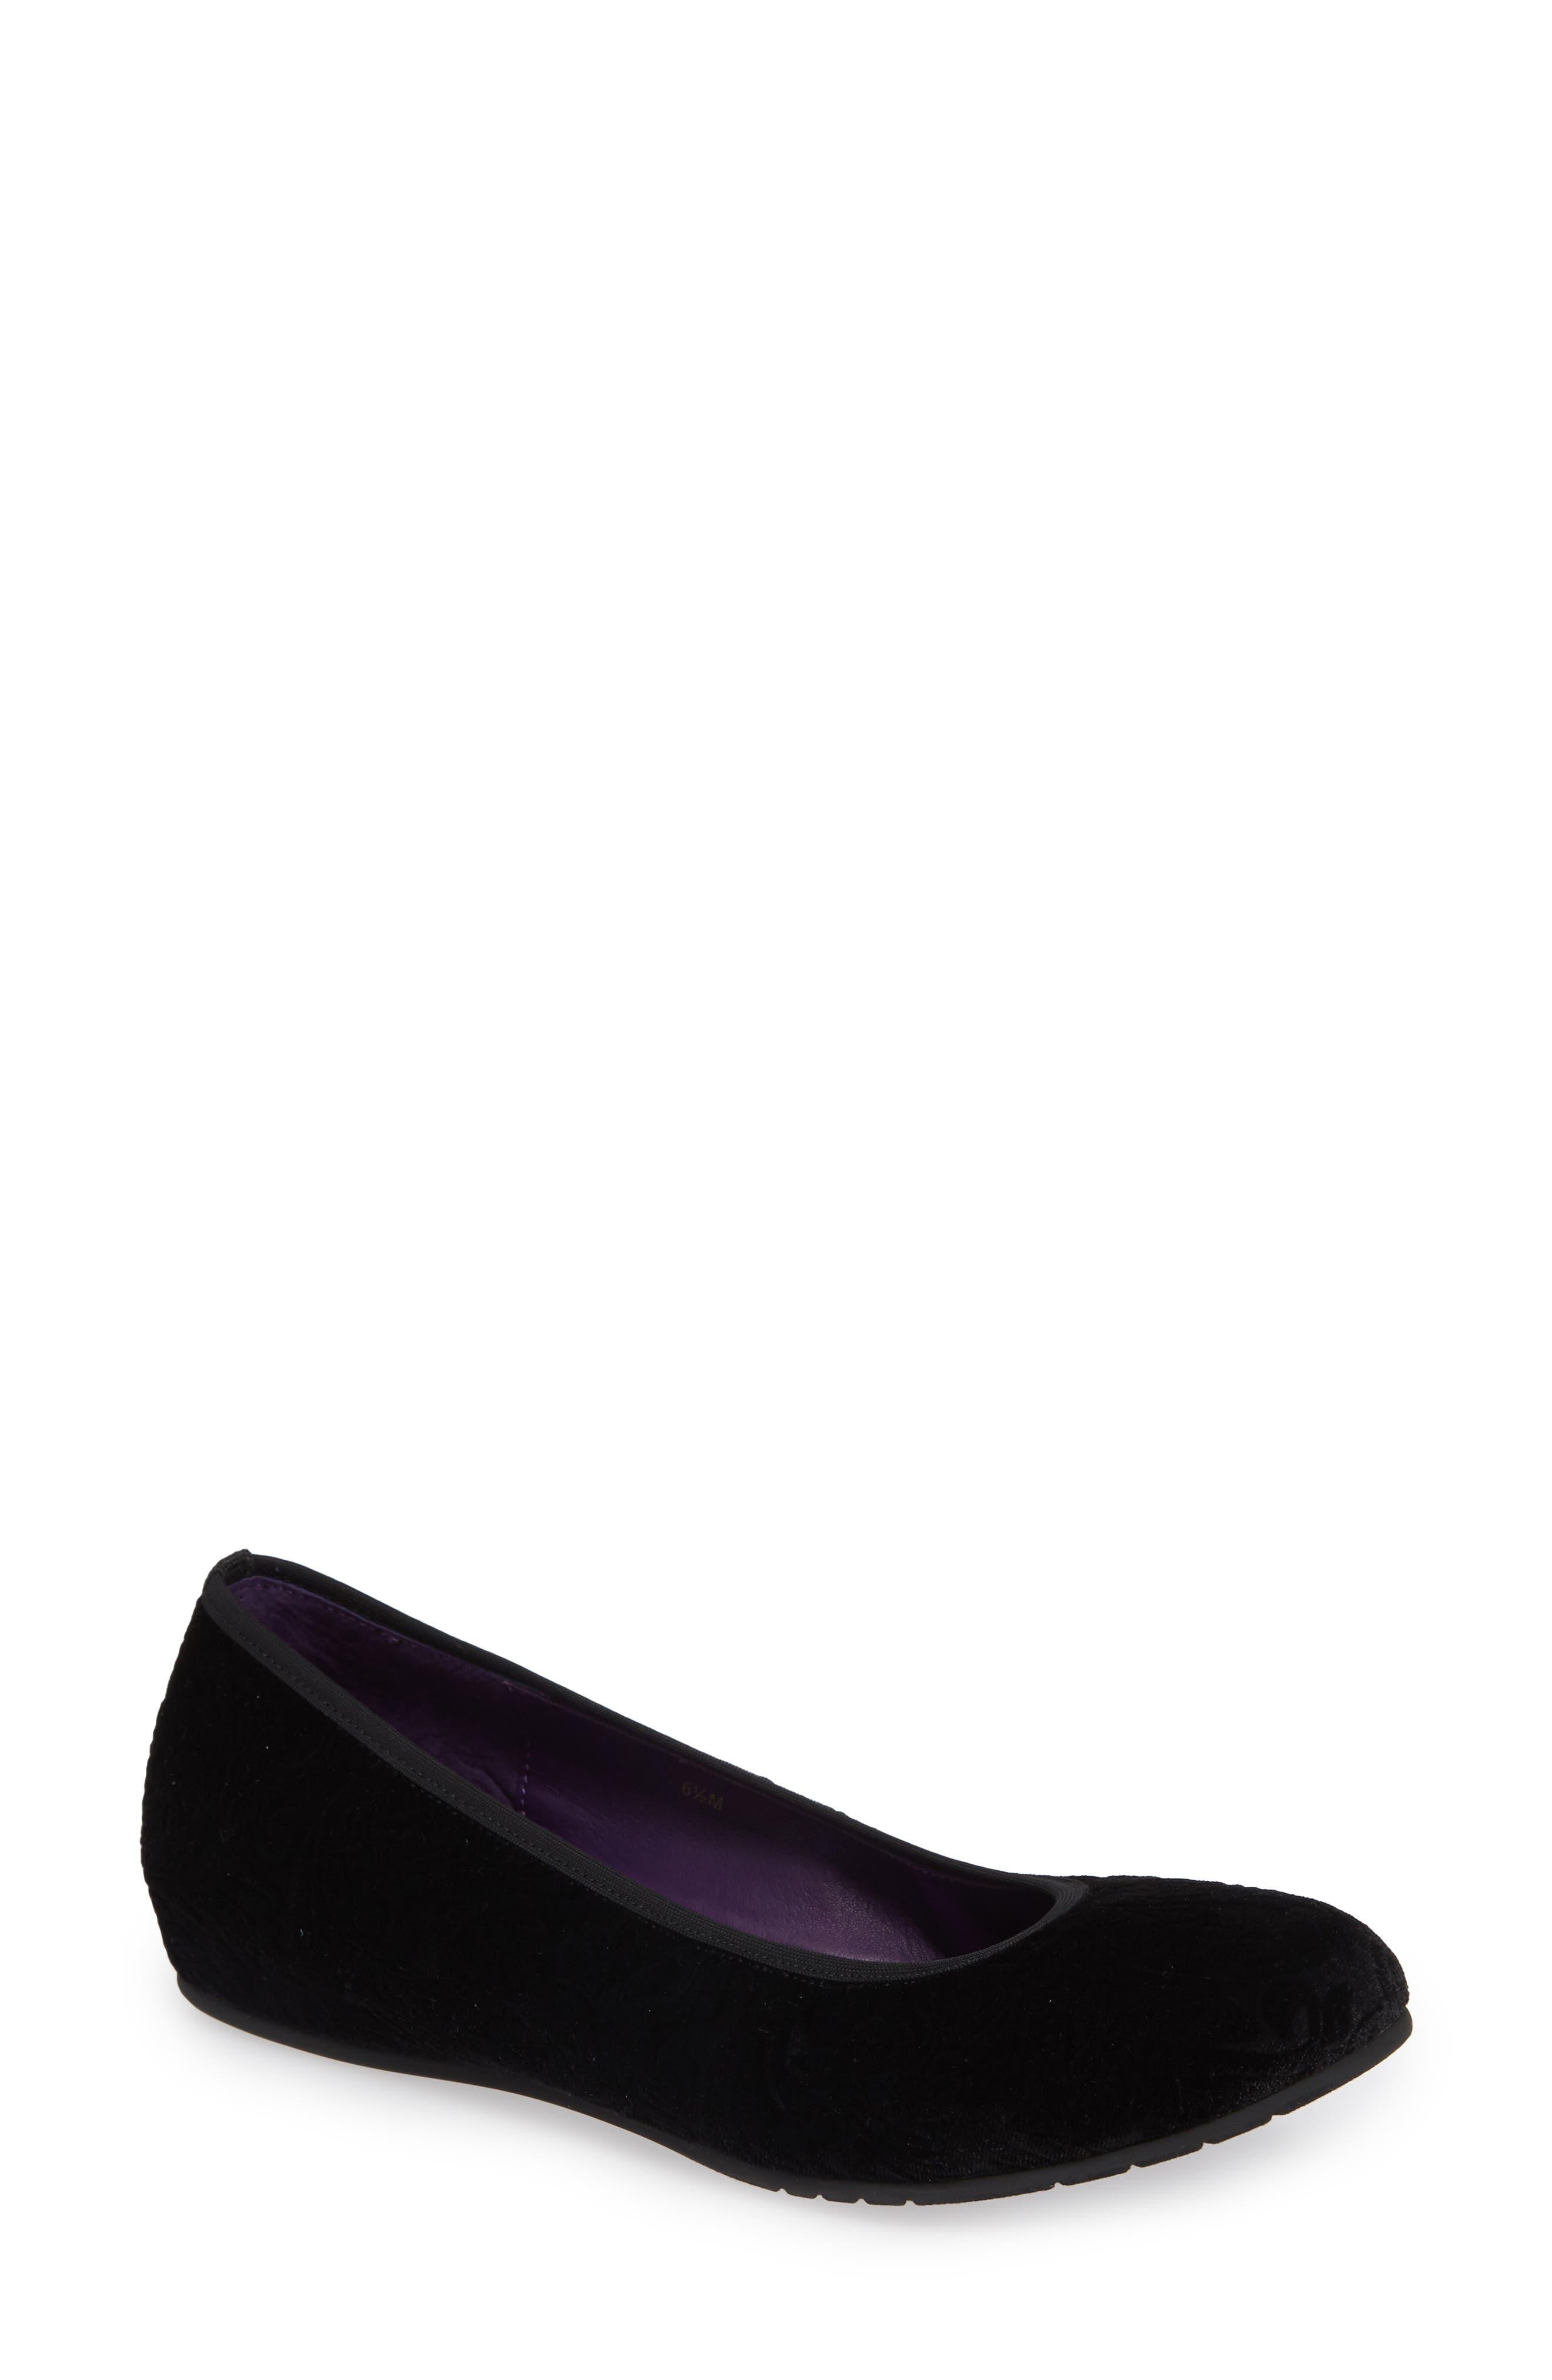 VANELI Padma Skimmer Flat, Main, color, BLACK VELVET